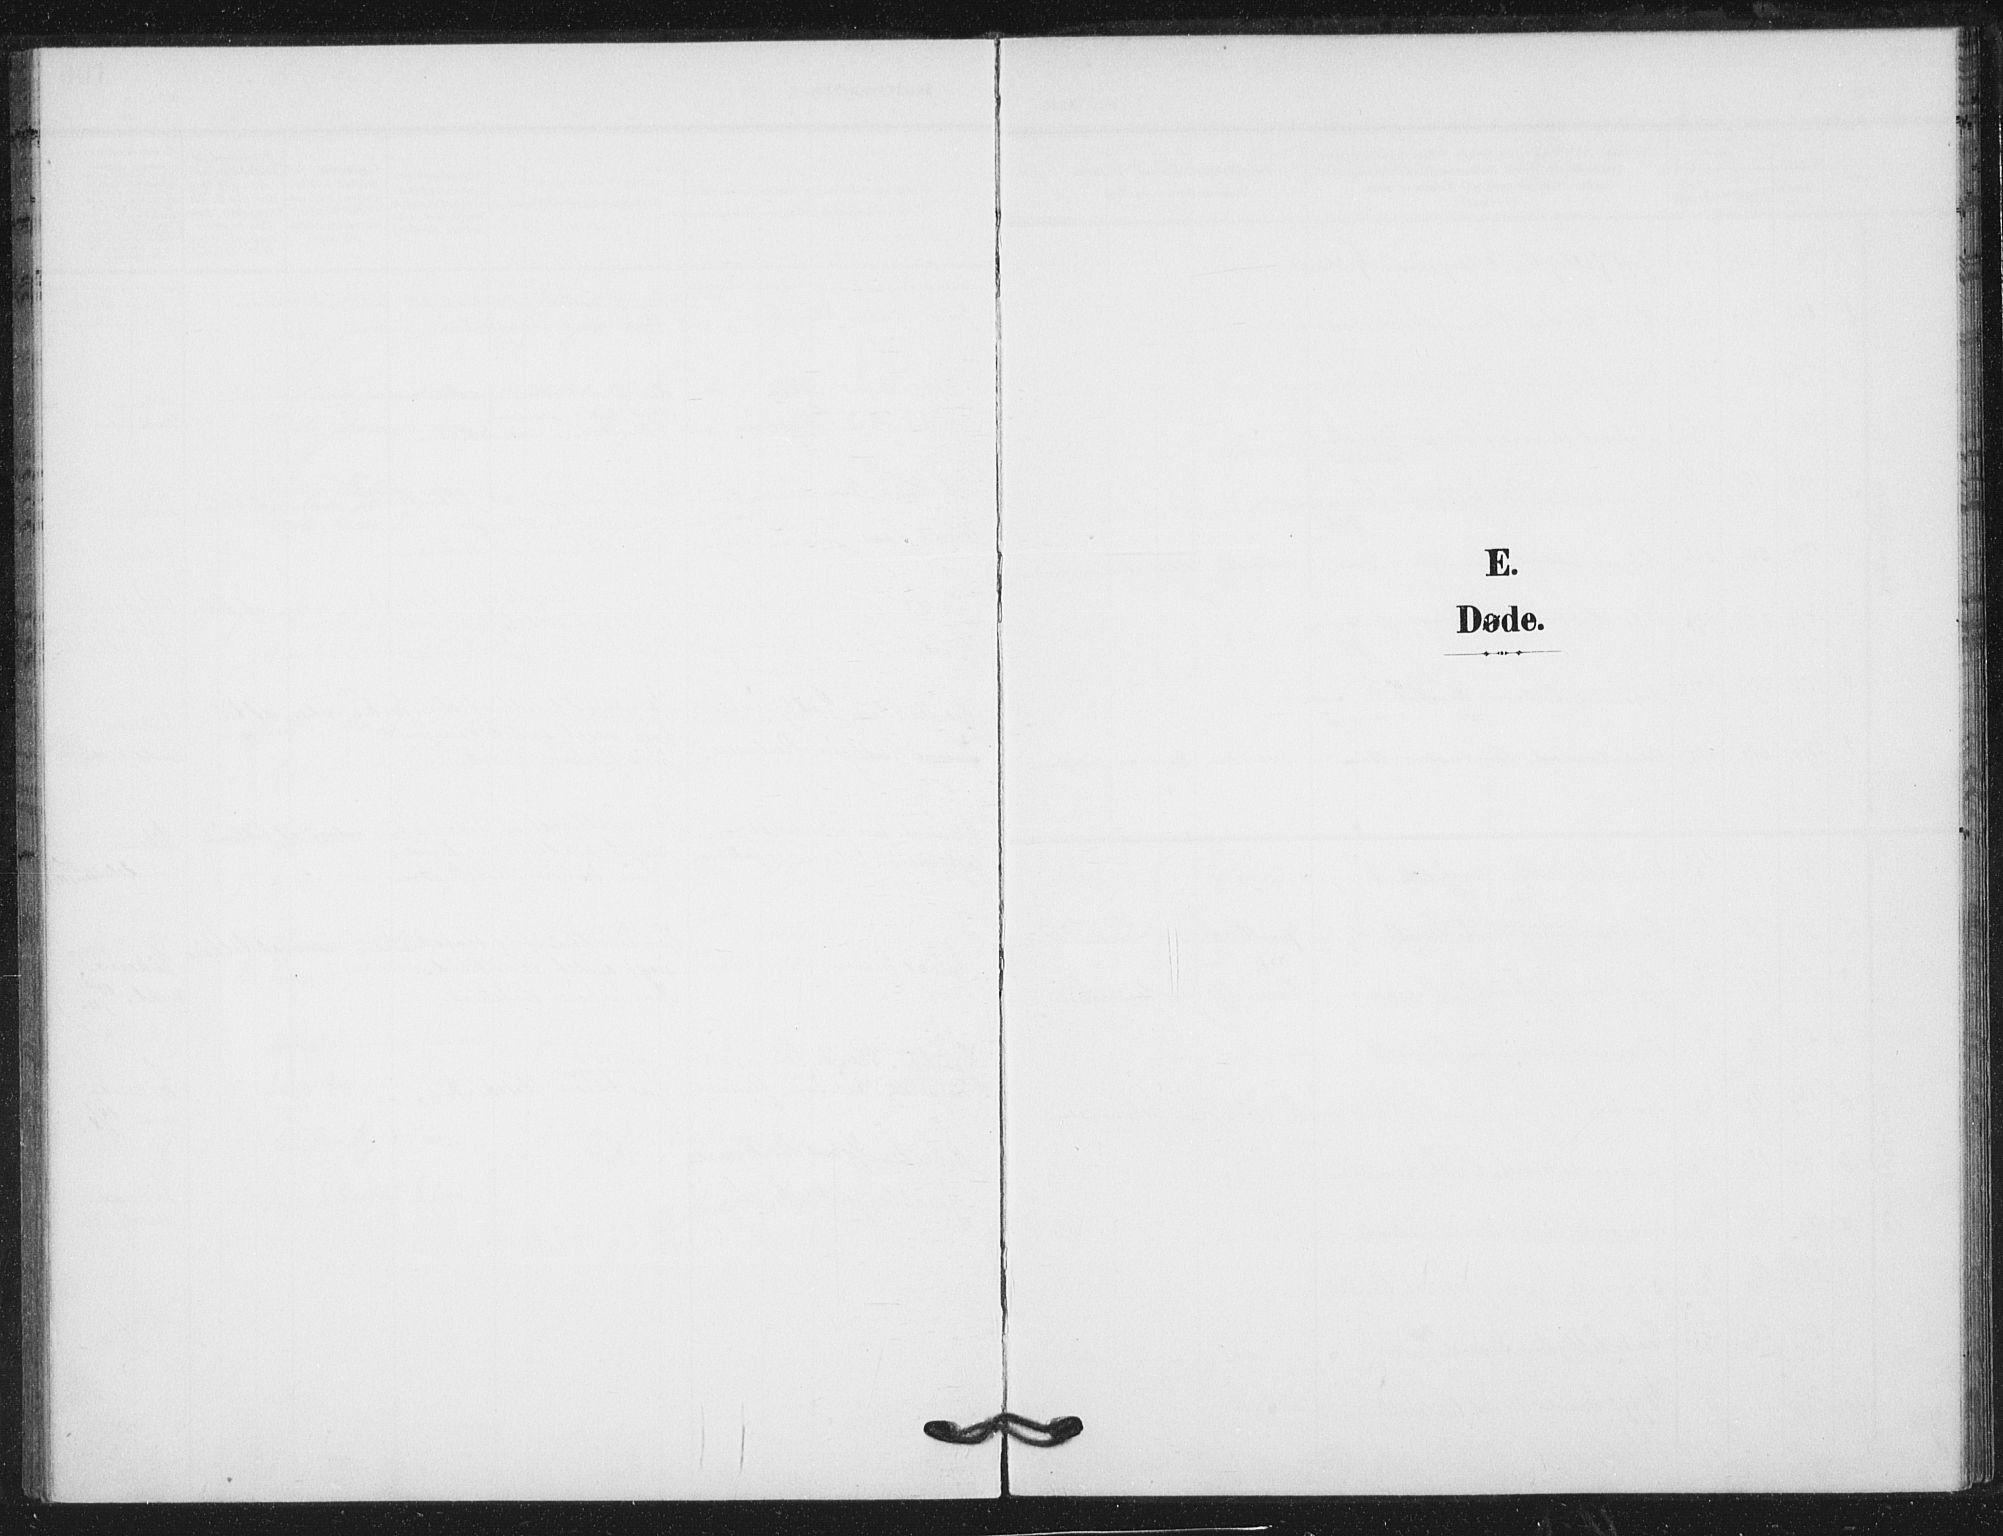 SAT, Ministerialprotokoller, klokkerbøker og fødselsregistre - Nord-Trøndelag, 724/L0264: Ministerialbok nr. 724A02, 1908-1915